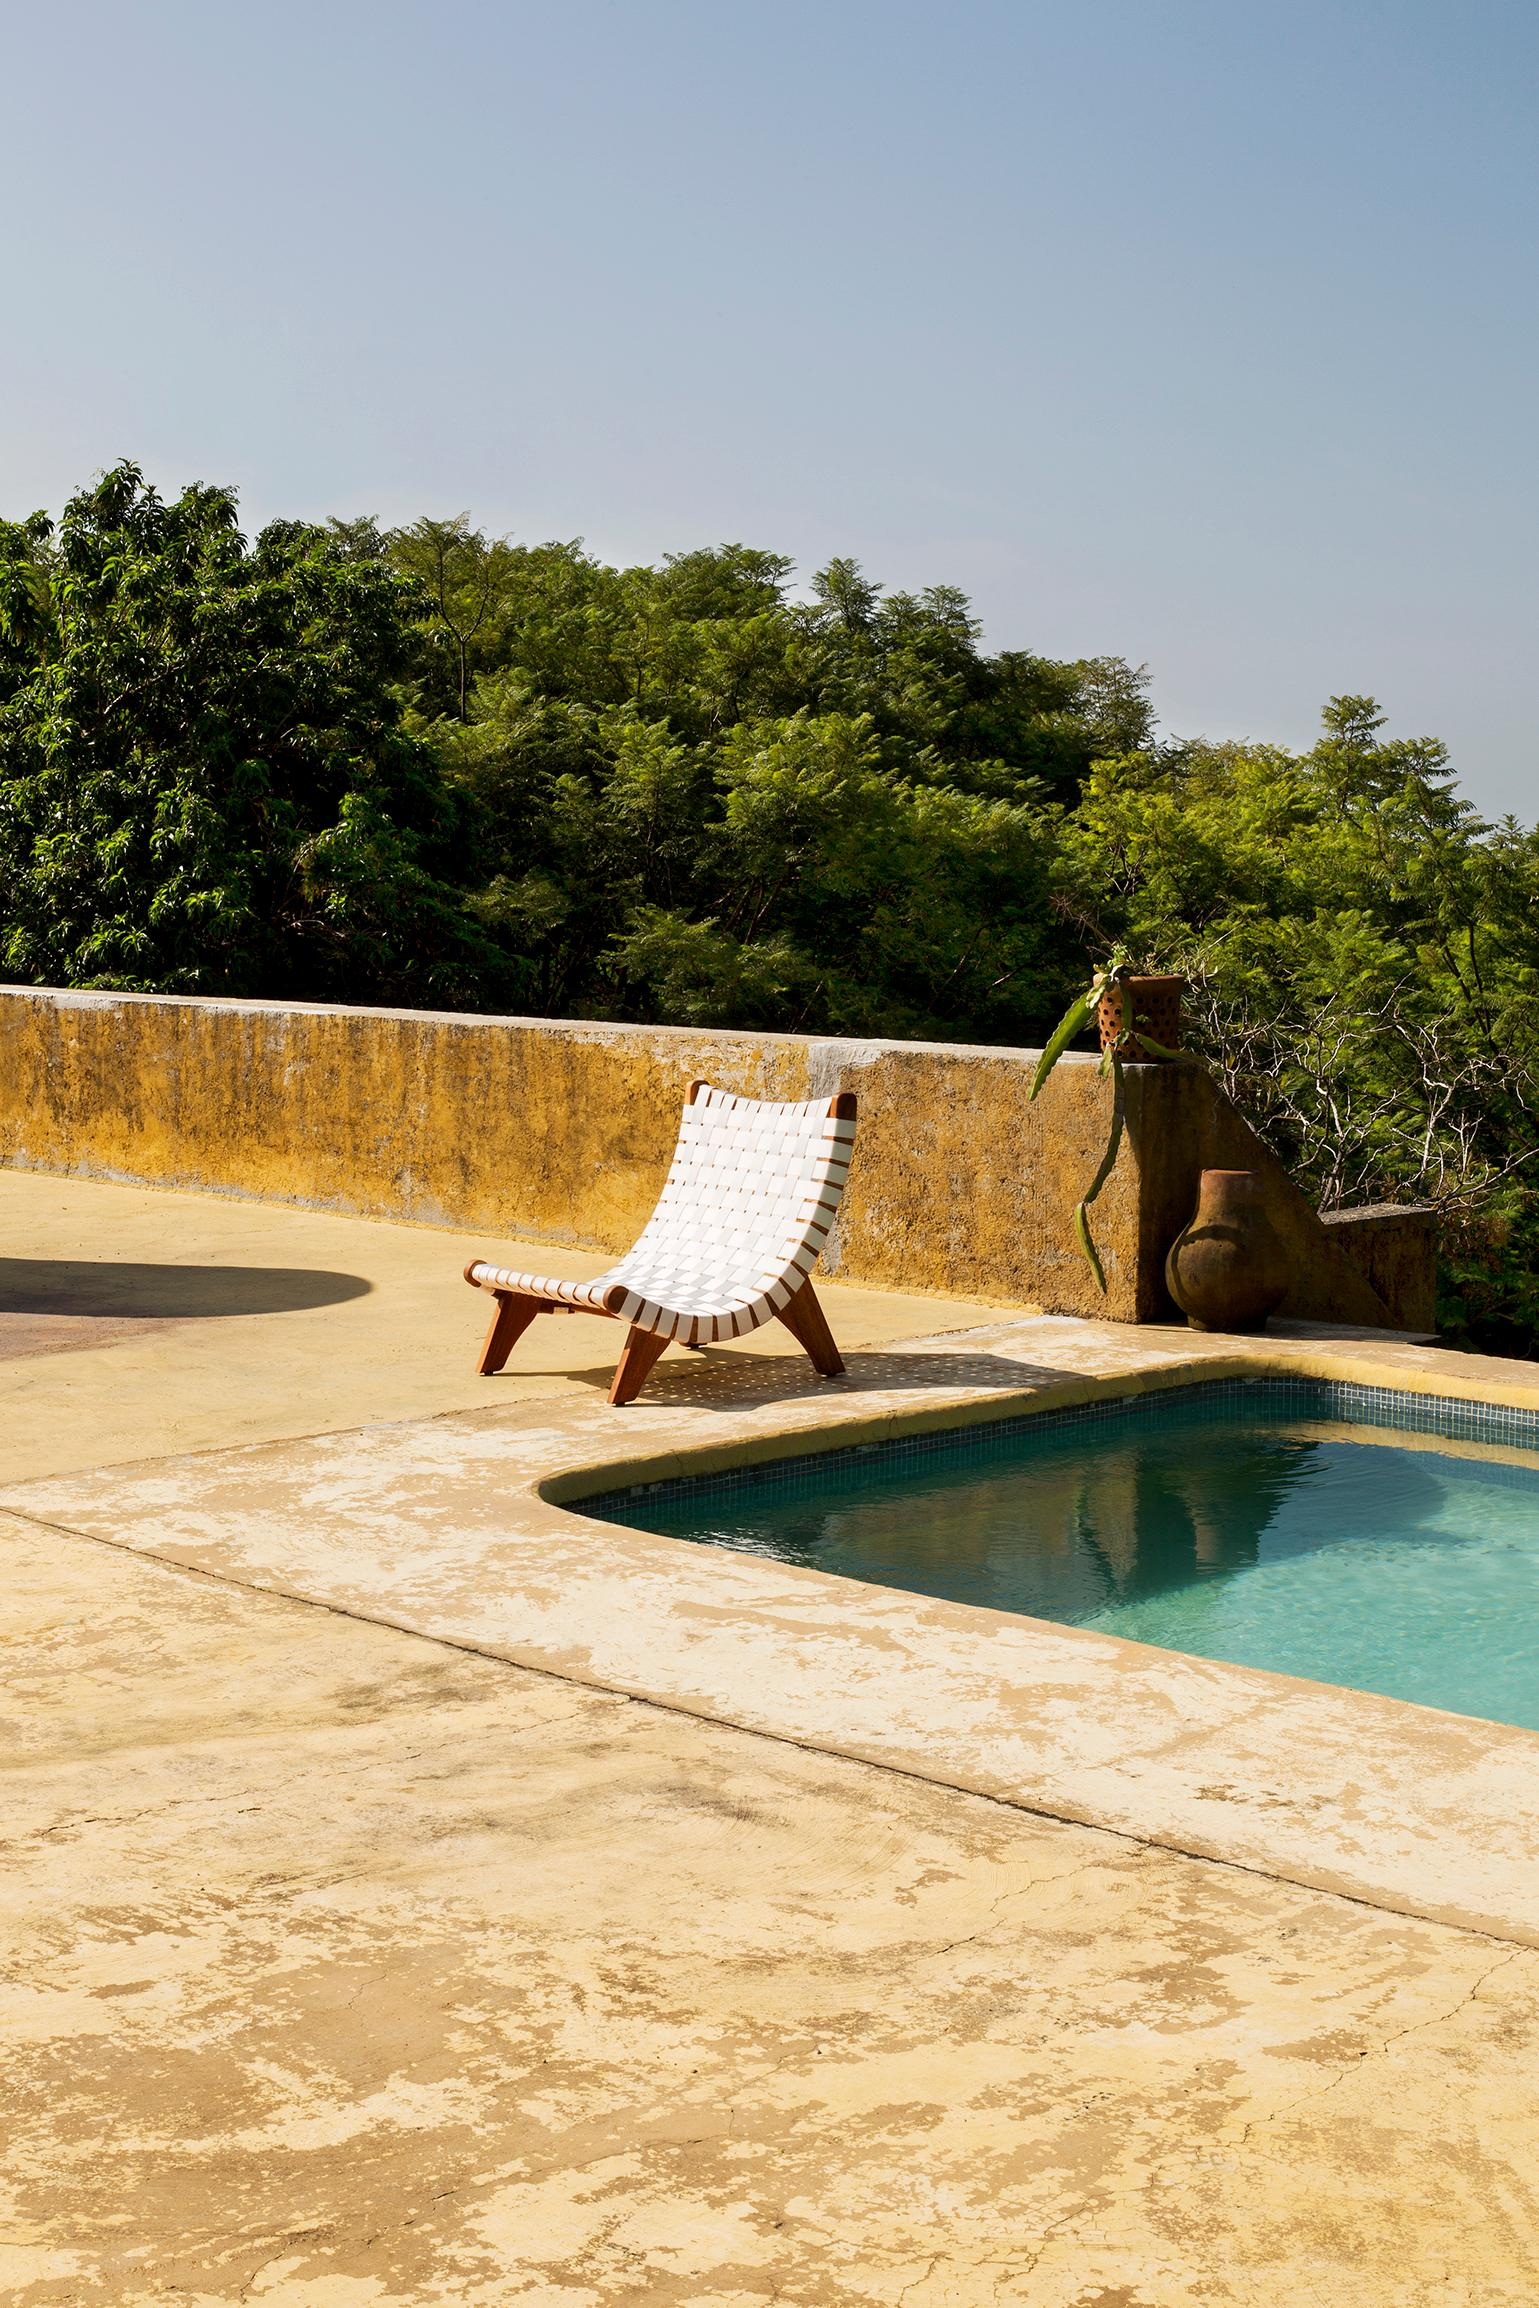 Michael van Beuren Mid Century Butaque Lounge Chair for Indoor or Outdoor